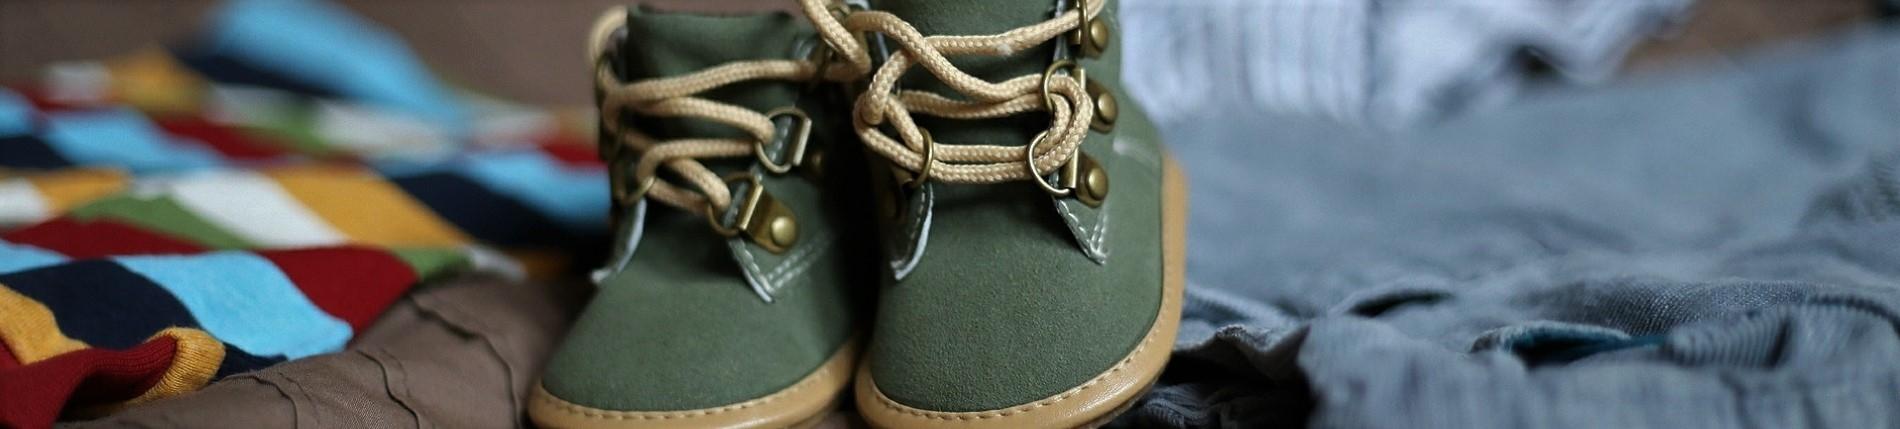 Andere schoenen